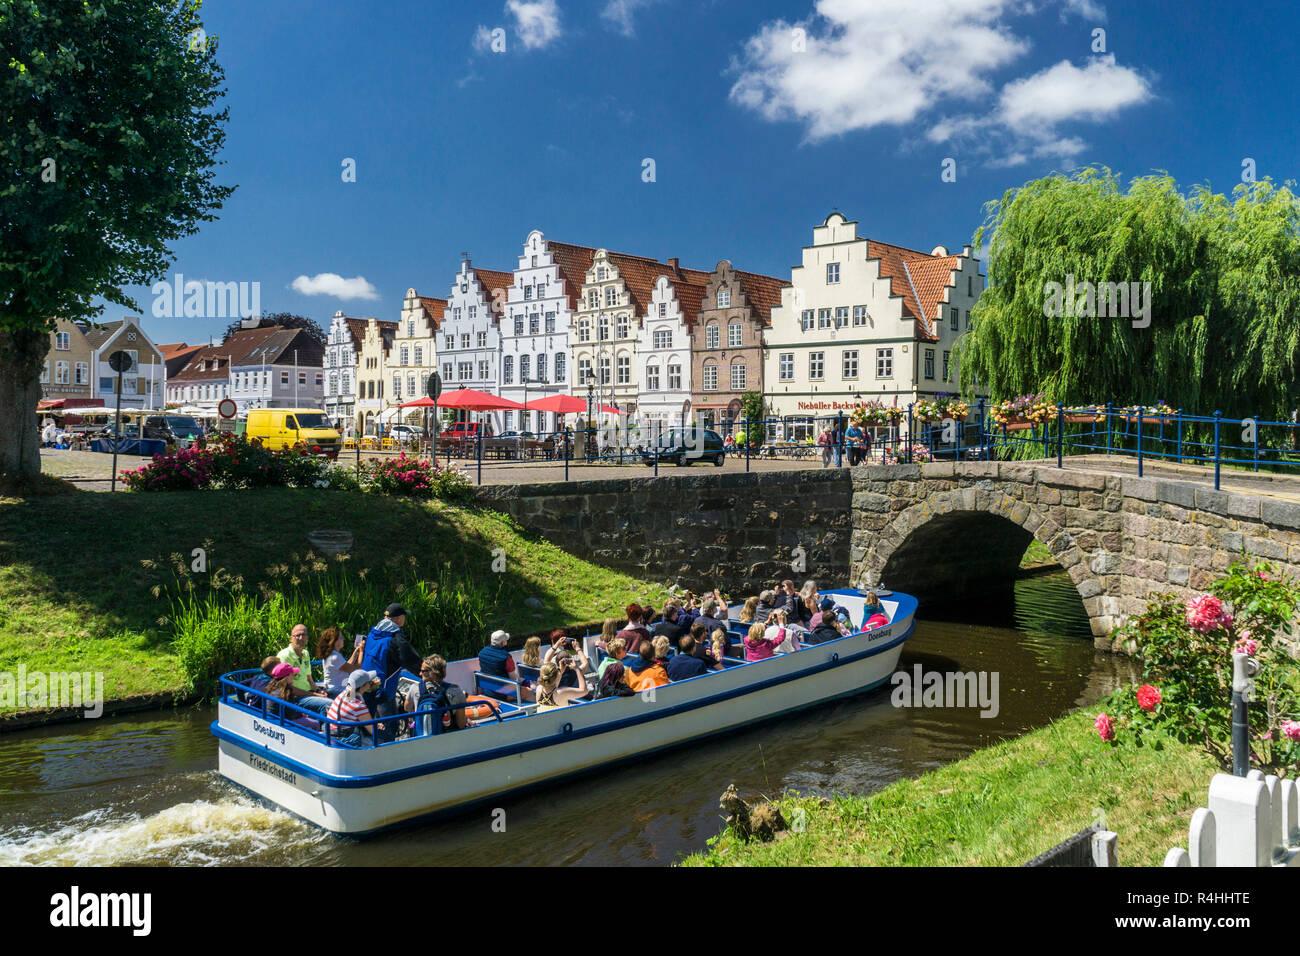 Nordfriesland, Friedrich's town, city tour on the middle moat , Friedrichstadt, Stadtrundfahrt auf dem Mittelburggraben Stock Photo